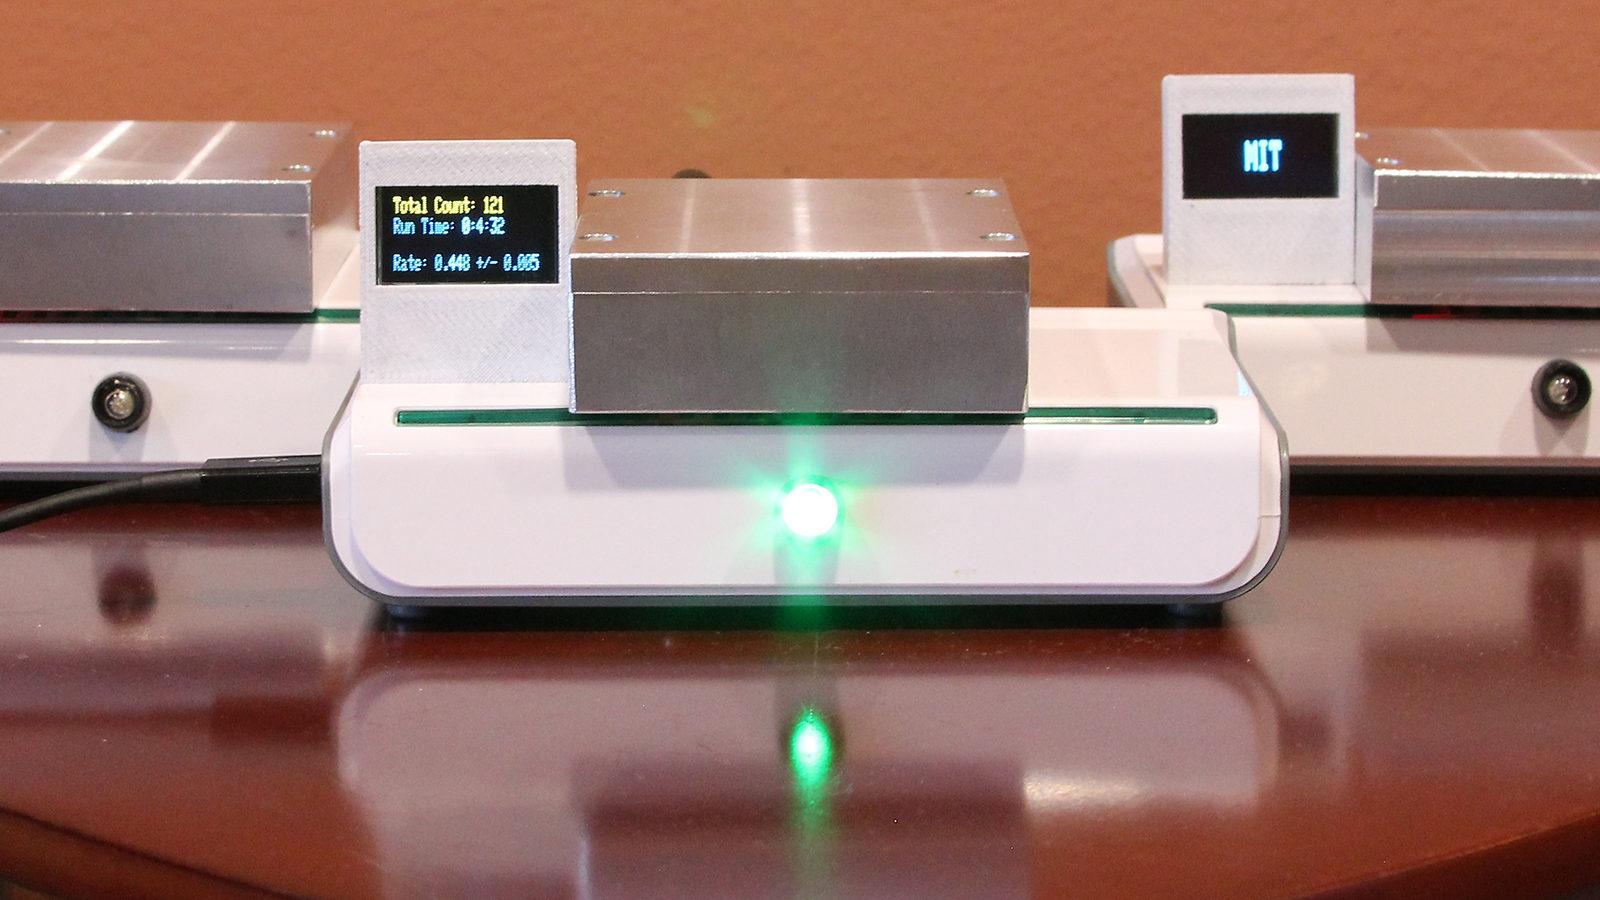 Image: Desktop muon detector